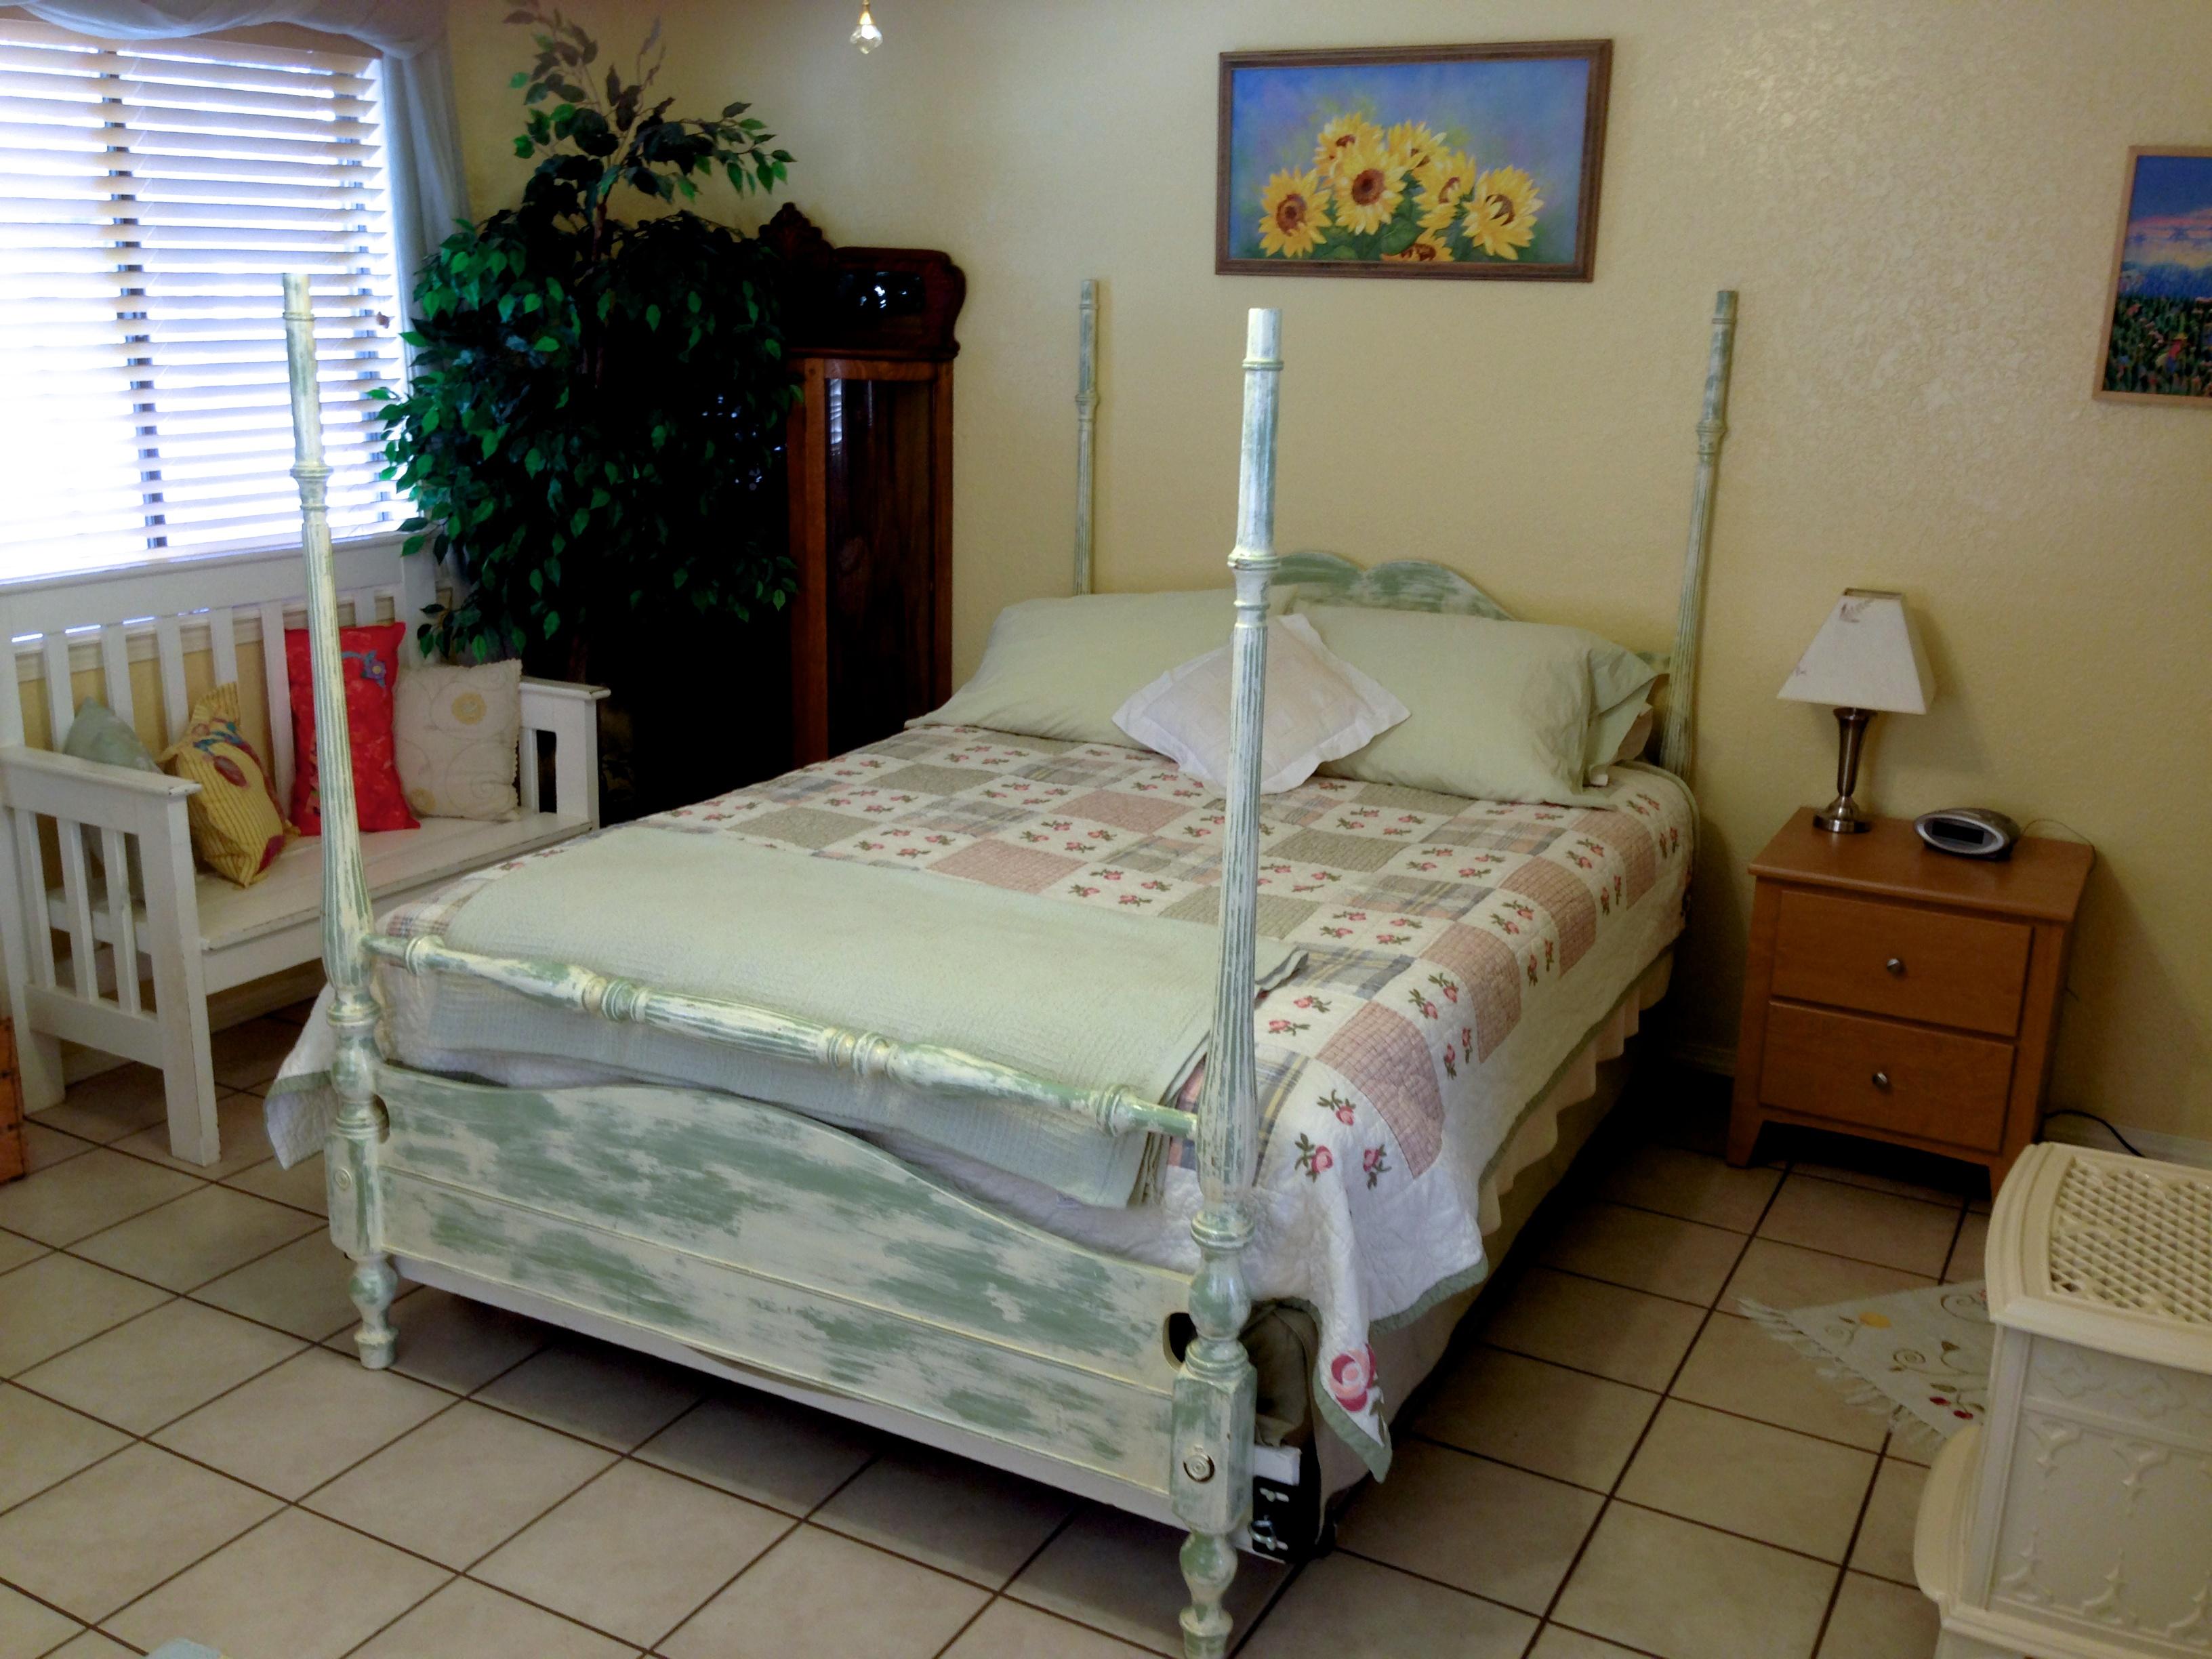 Fotos gratis : cabaña, propiedad, mueble, habitación, Cuarto ...